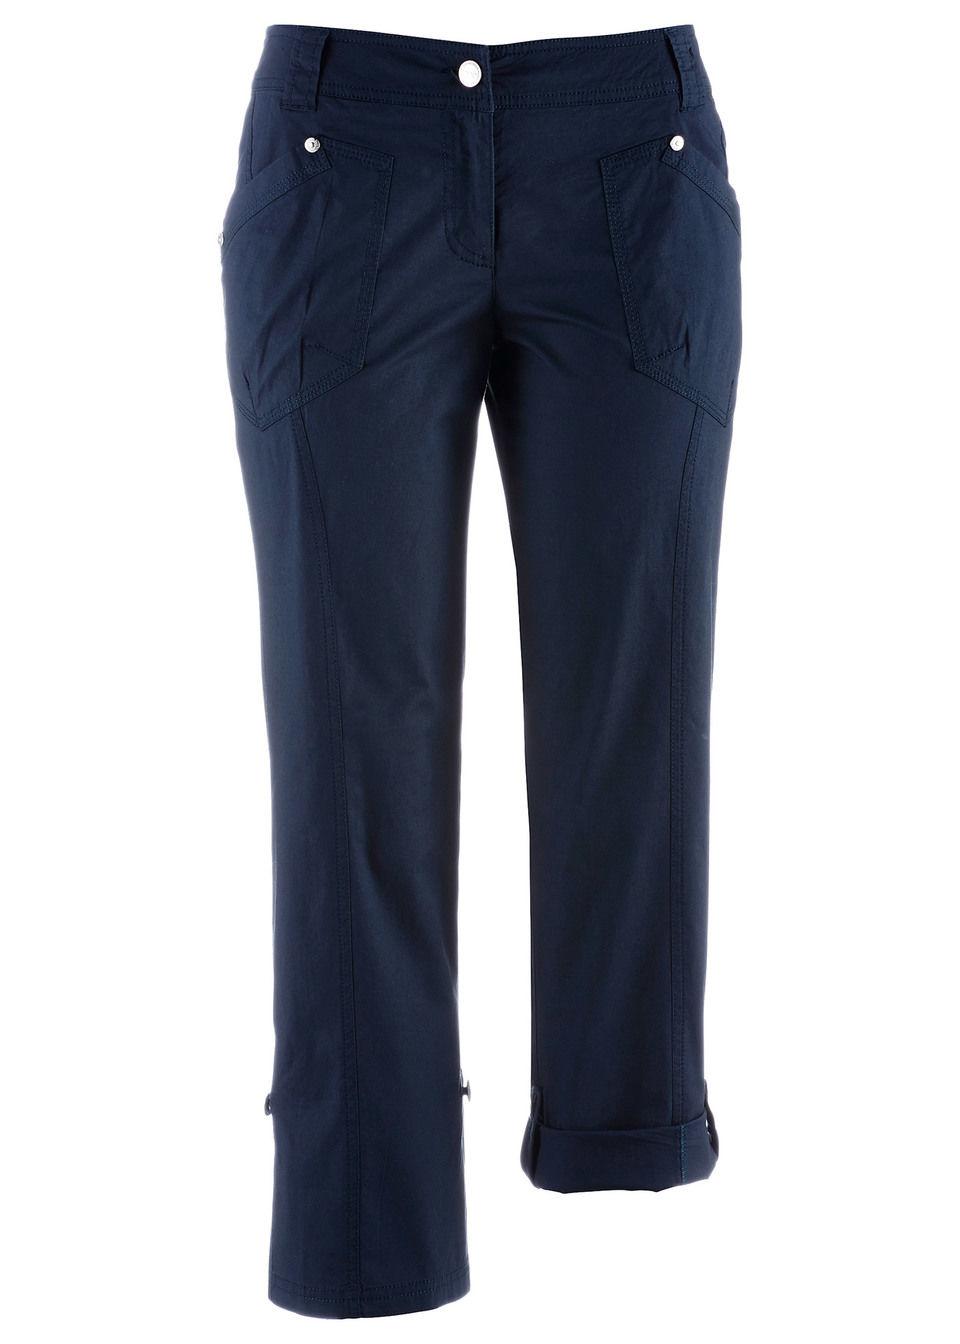 dc477b4b81a6 3 4-ové strečové kapsáčové nohavice bonprix